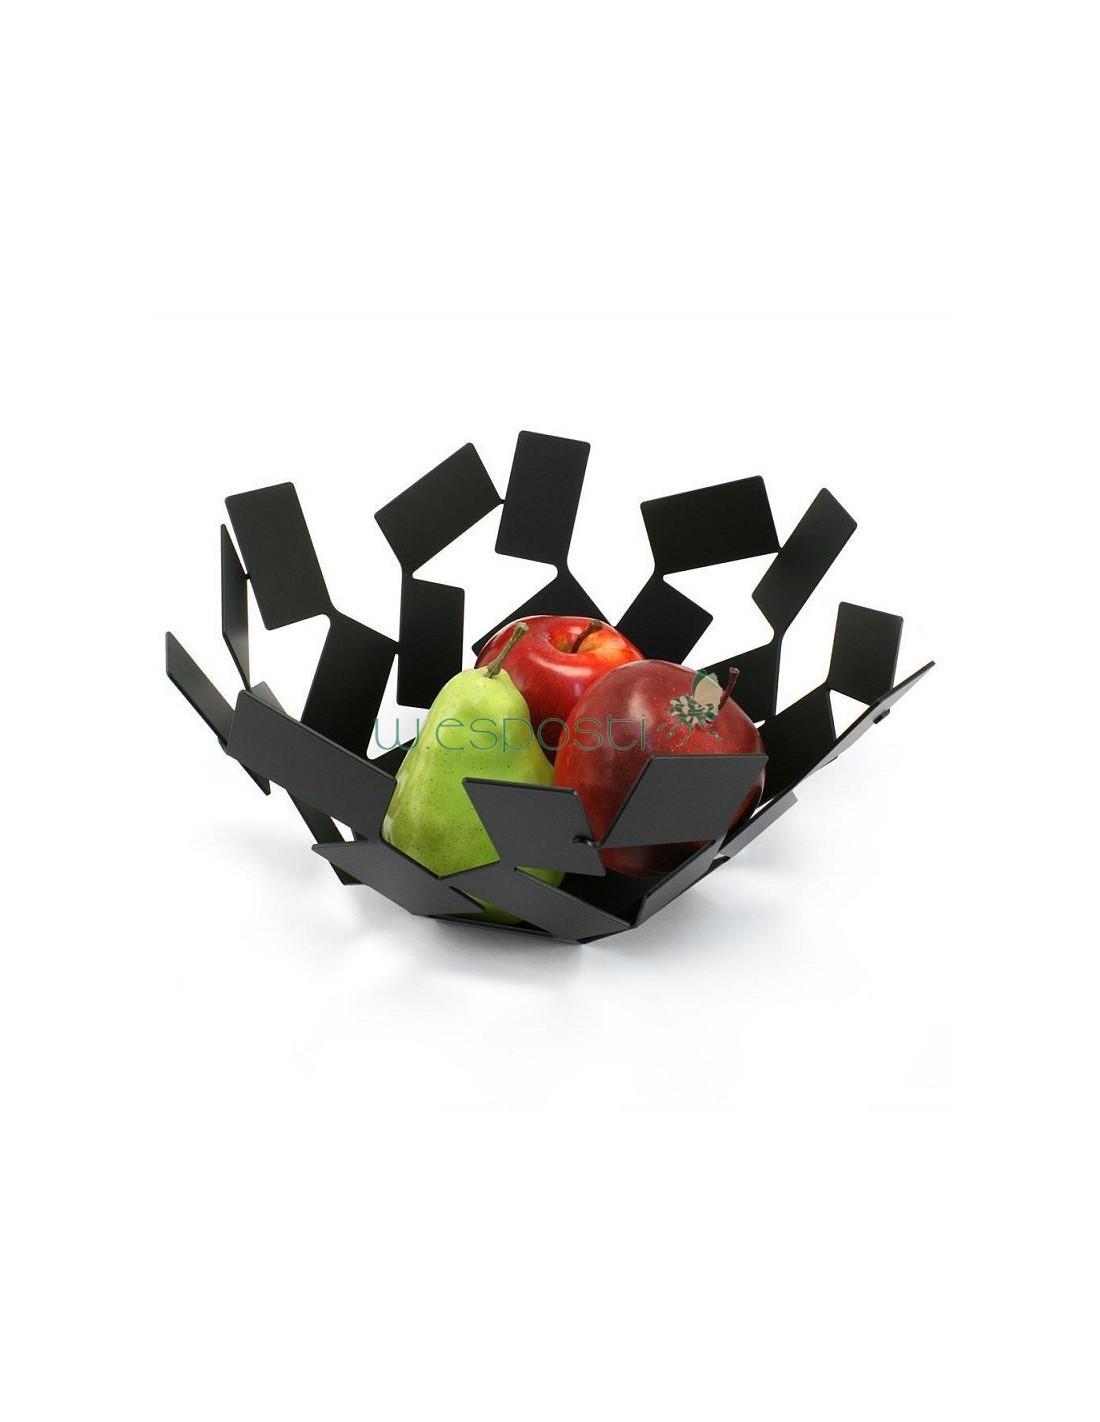 Cestino portapane frutta alessi stanza dello scirocco nero for Portapane alessi prezzo